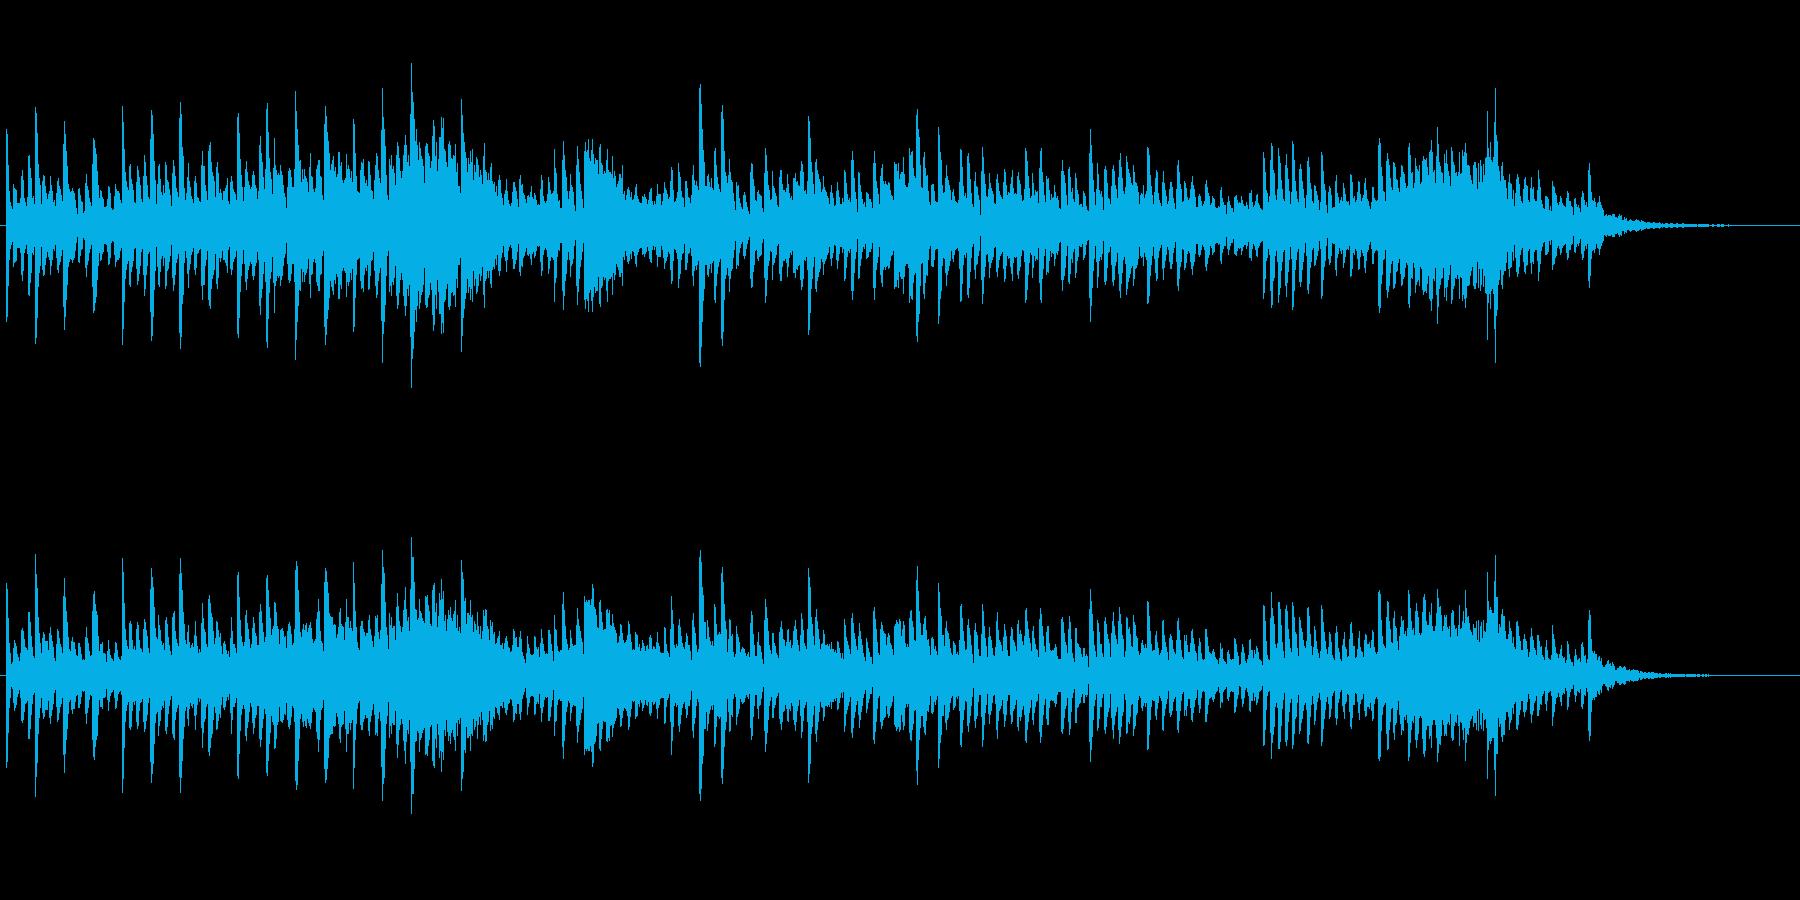 マリンバが印象的な不思議系ジングルの再生済みの波形